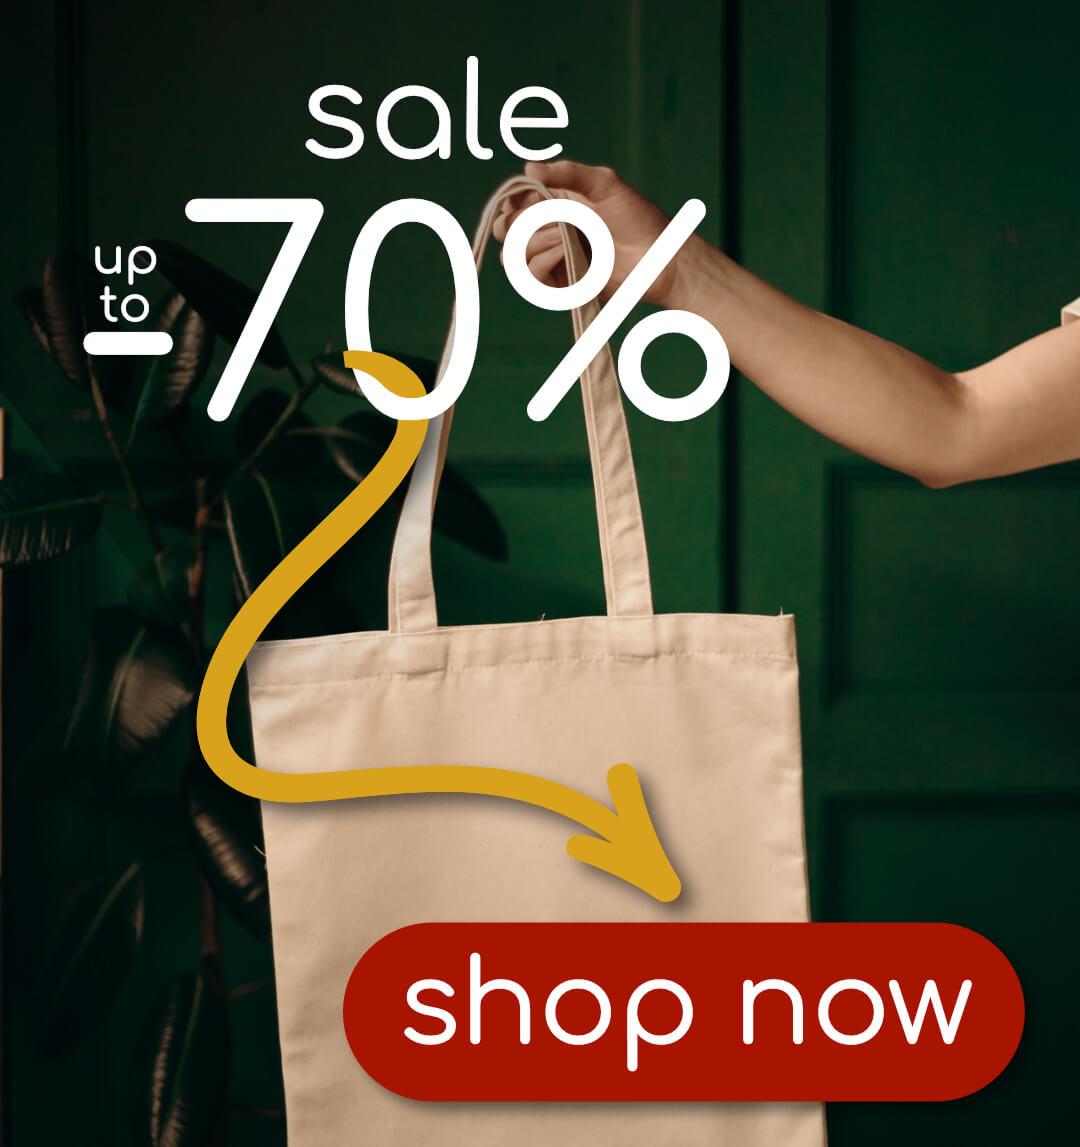 Sale 4ecoshop.co.uk